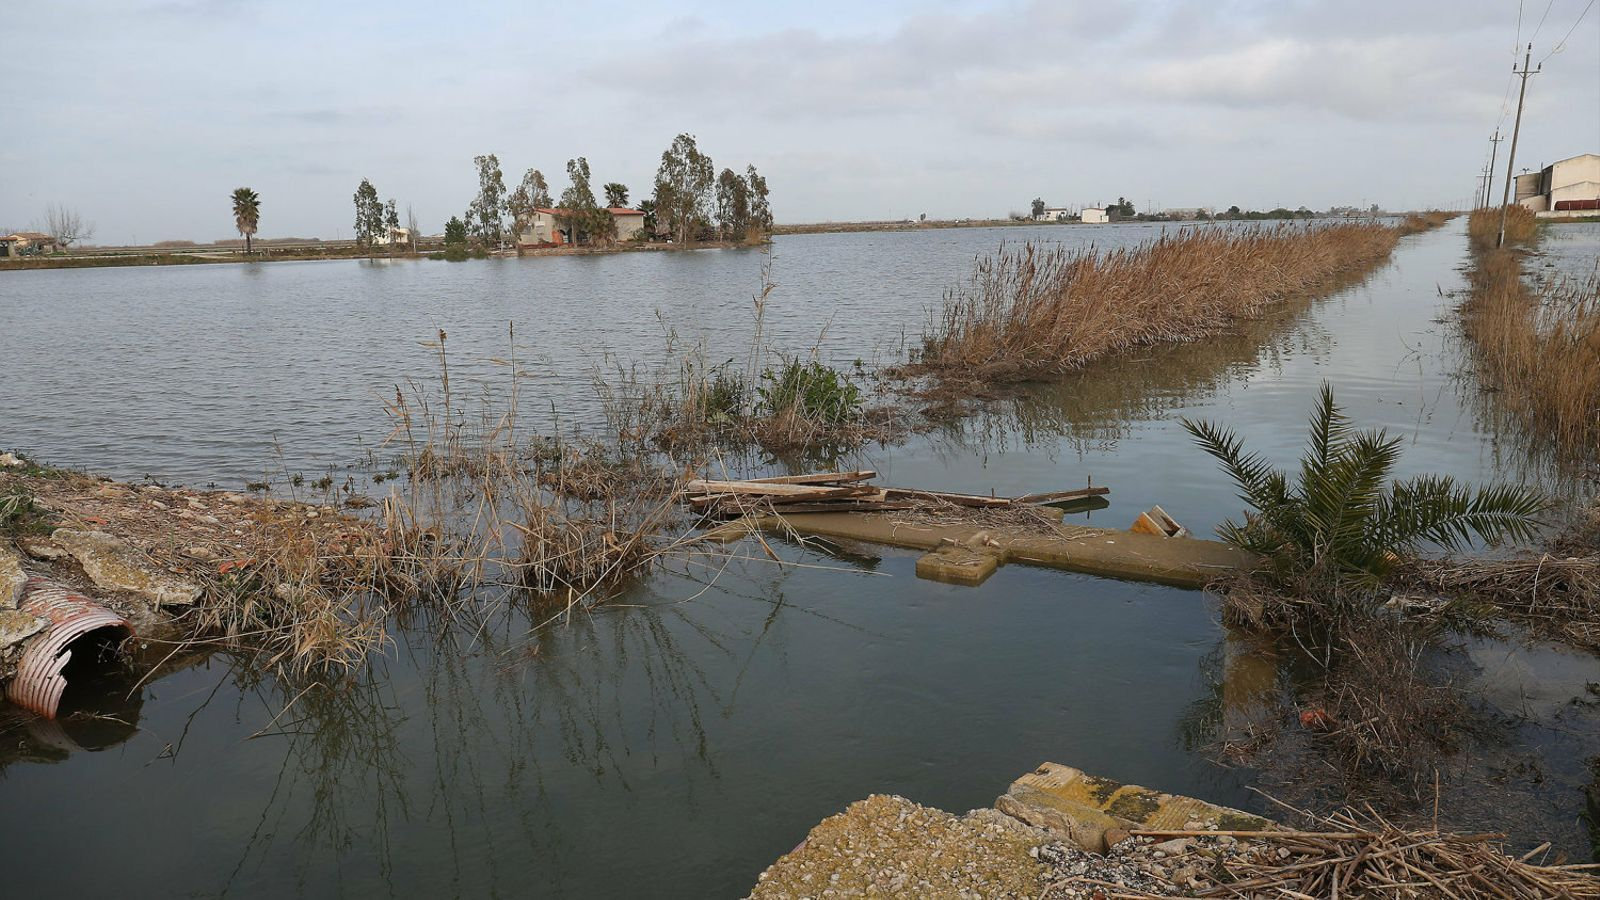 La solució del delta de l'Ebre, 90 quilòmetres riu amunt